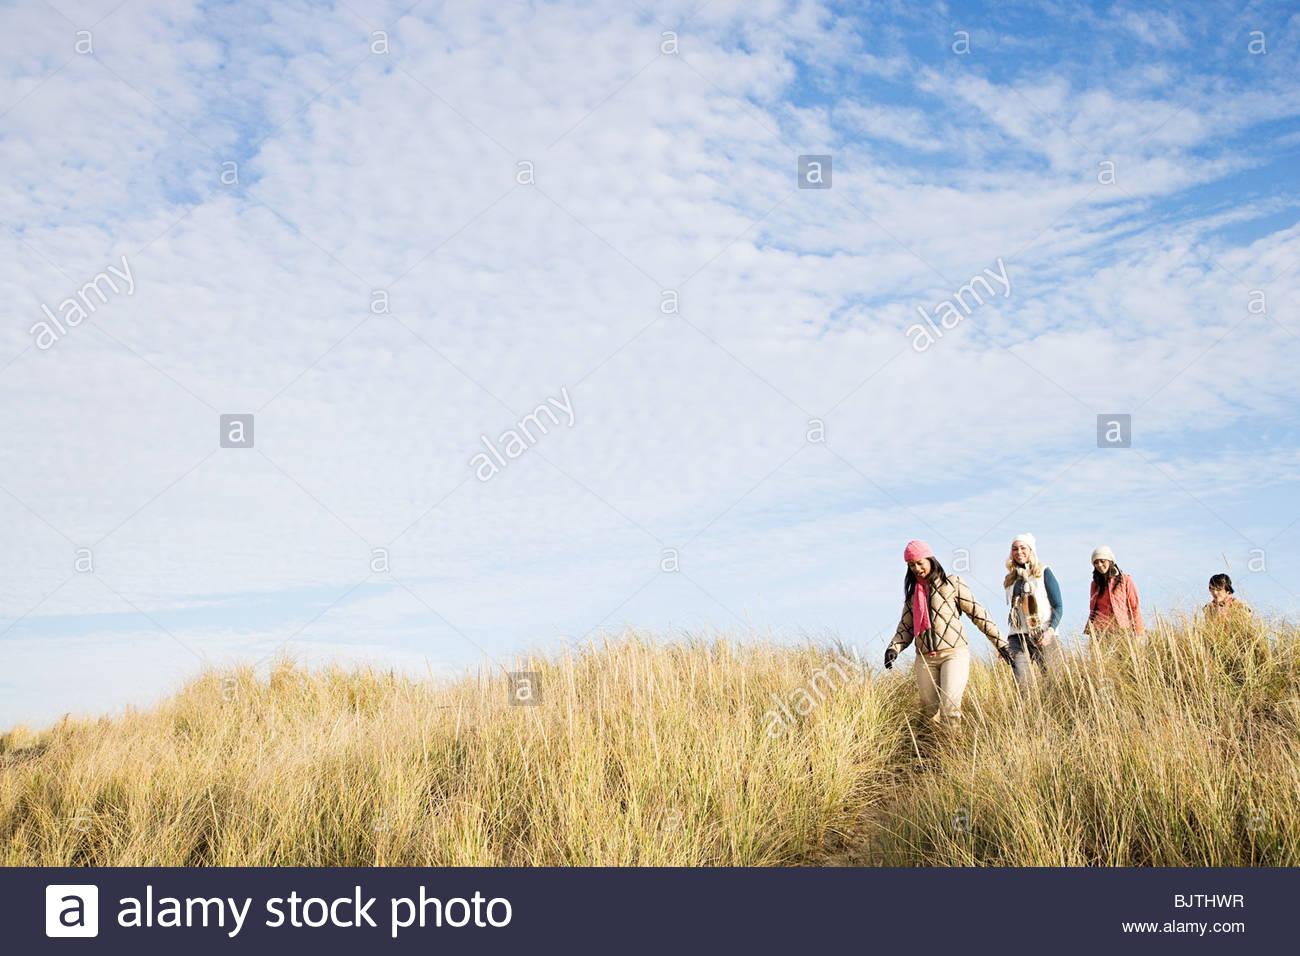 Female friends walking in marram grass - Stock Image